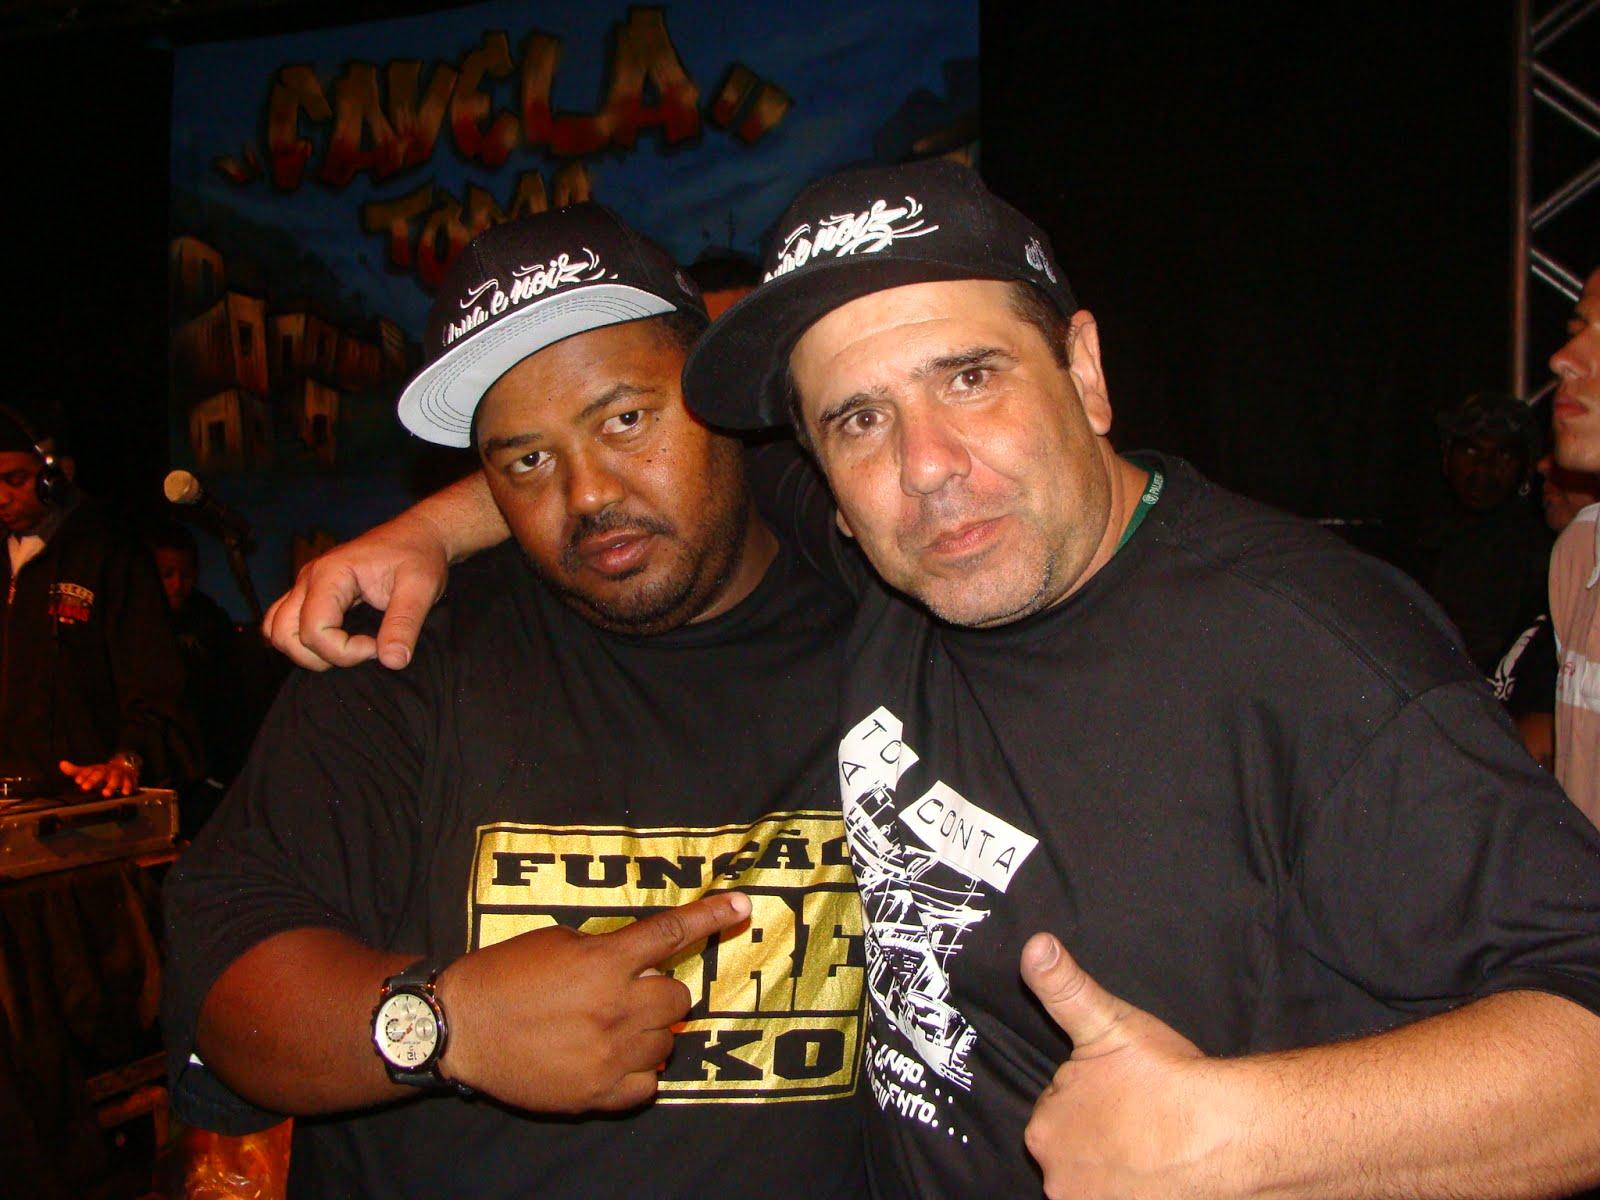 DJ Tubarão - Pra Todas Elas